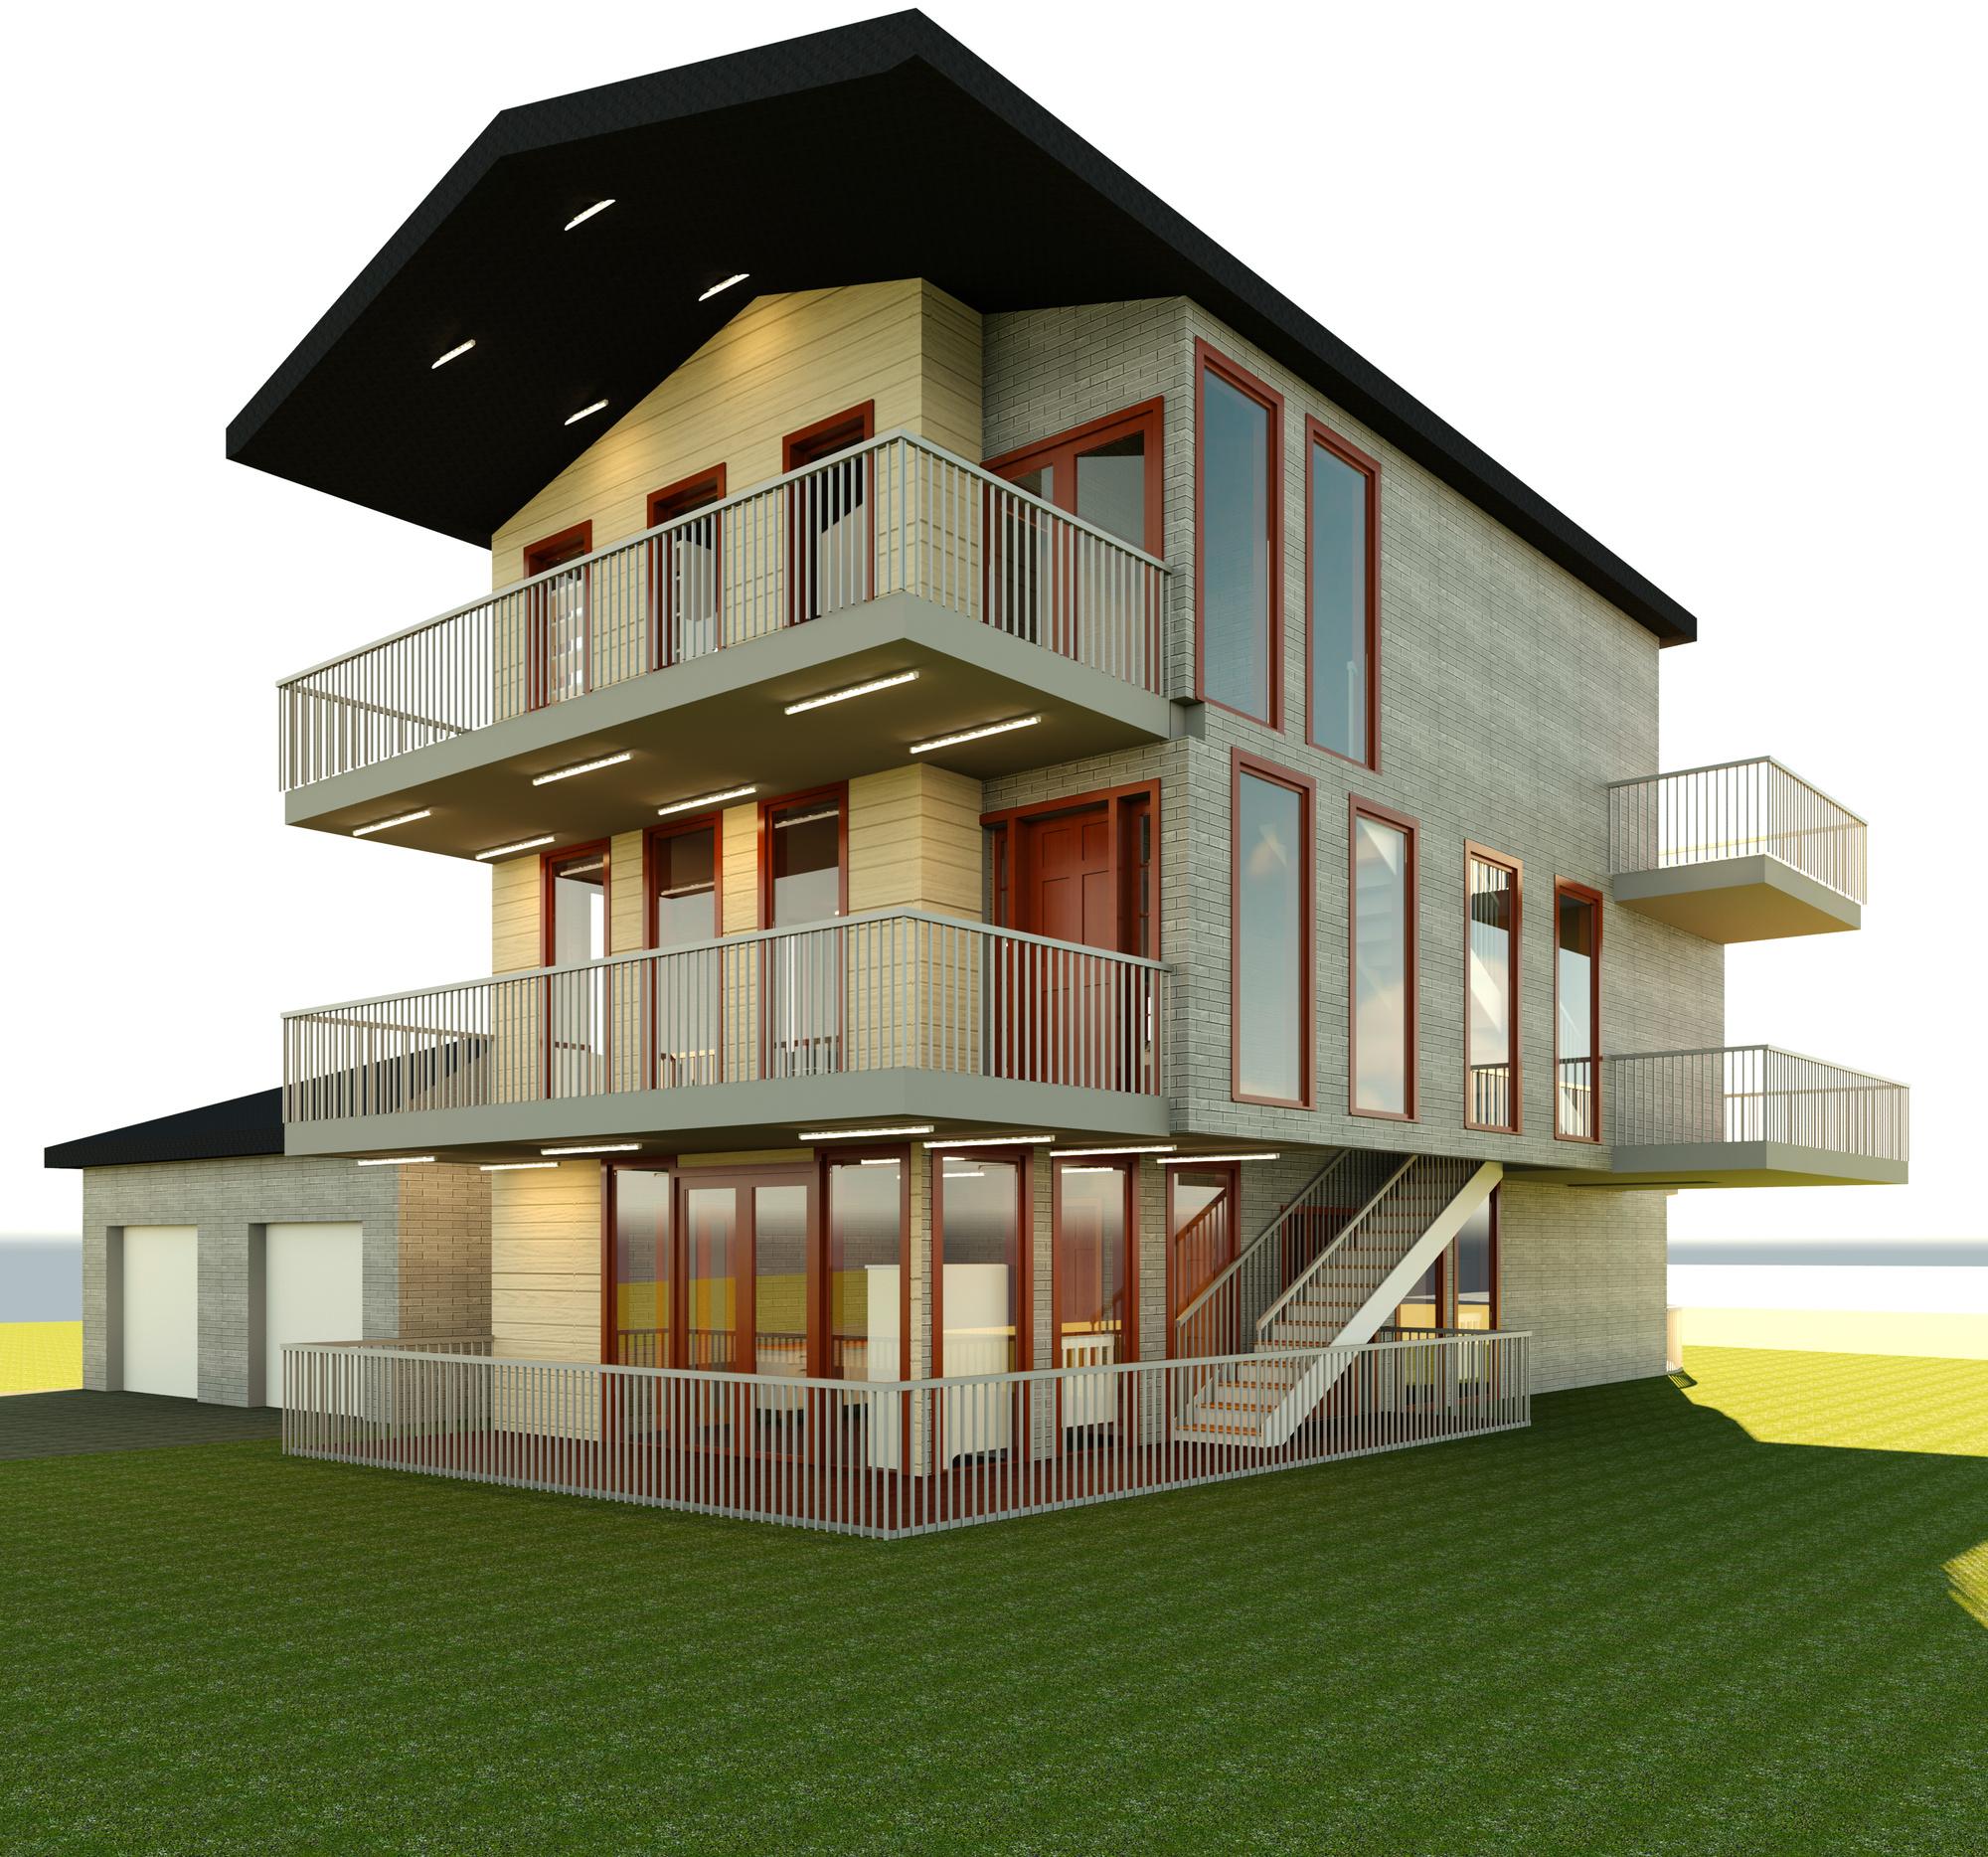 Raas-rendering20150515-25276-1vmy0jn